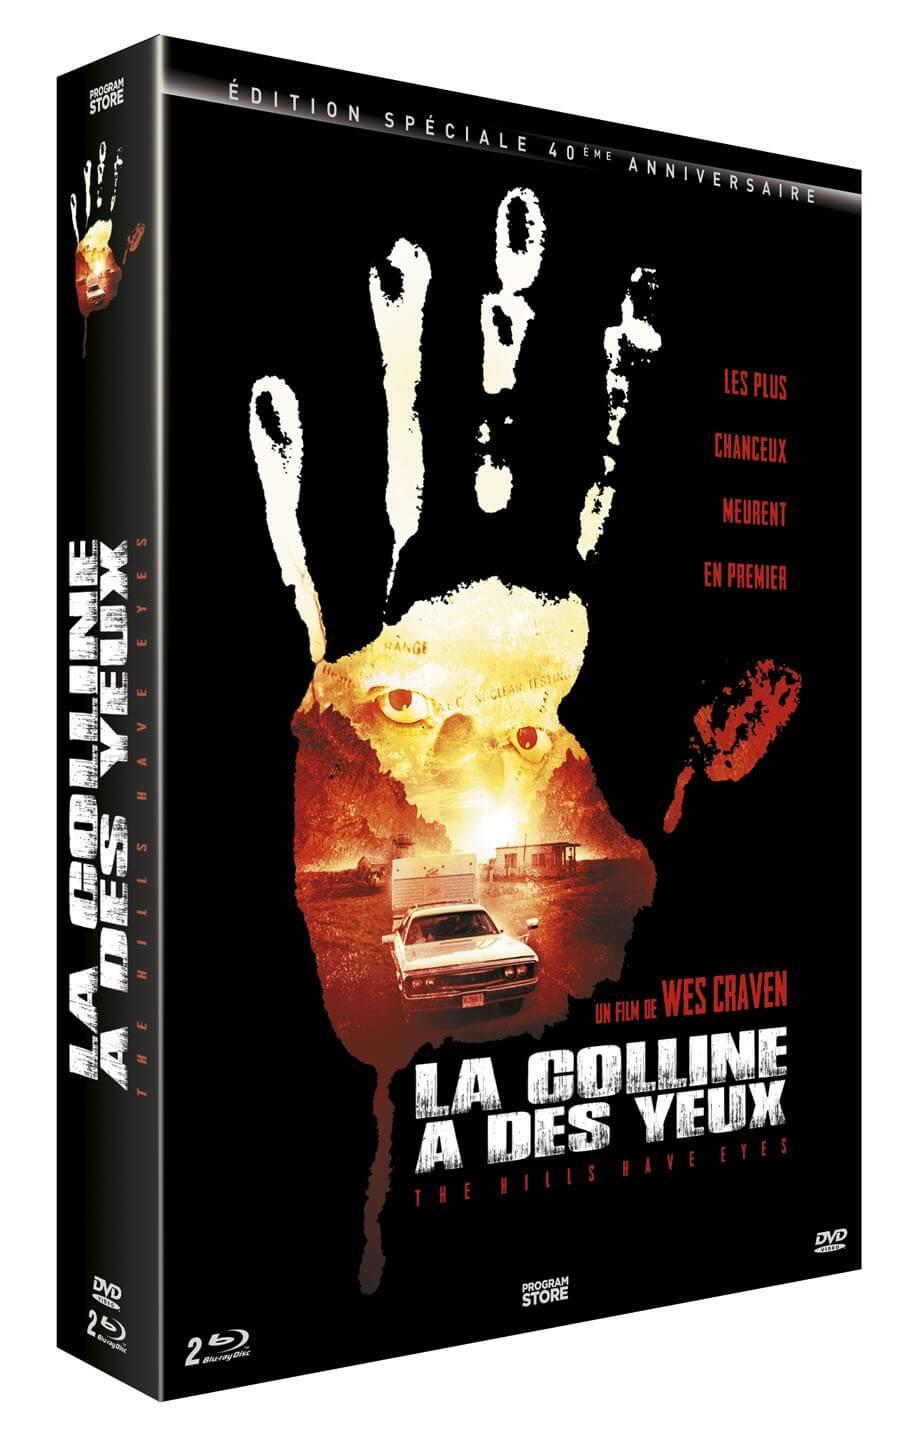 LA COLLINE A DES YEUX 1 + 2